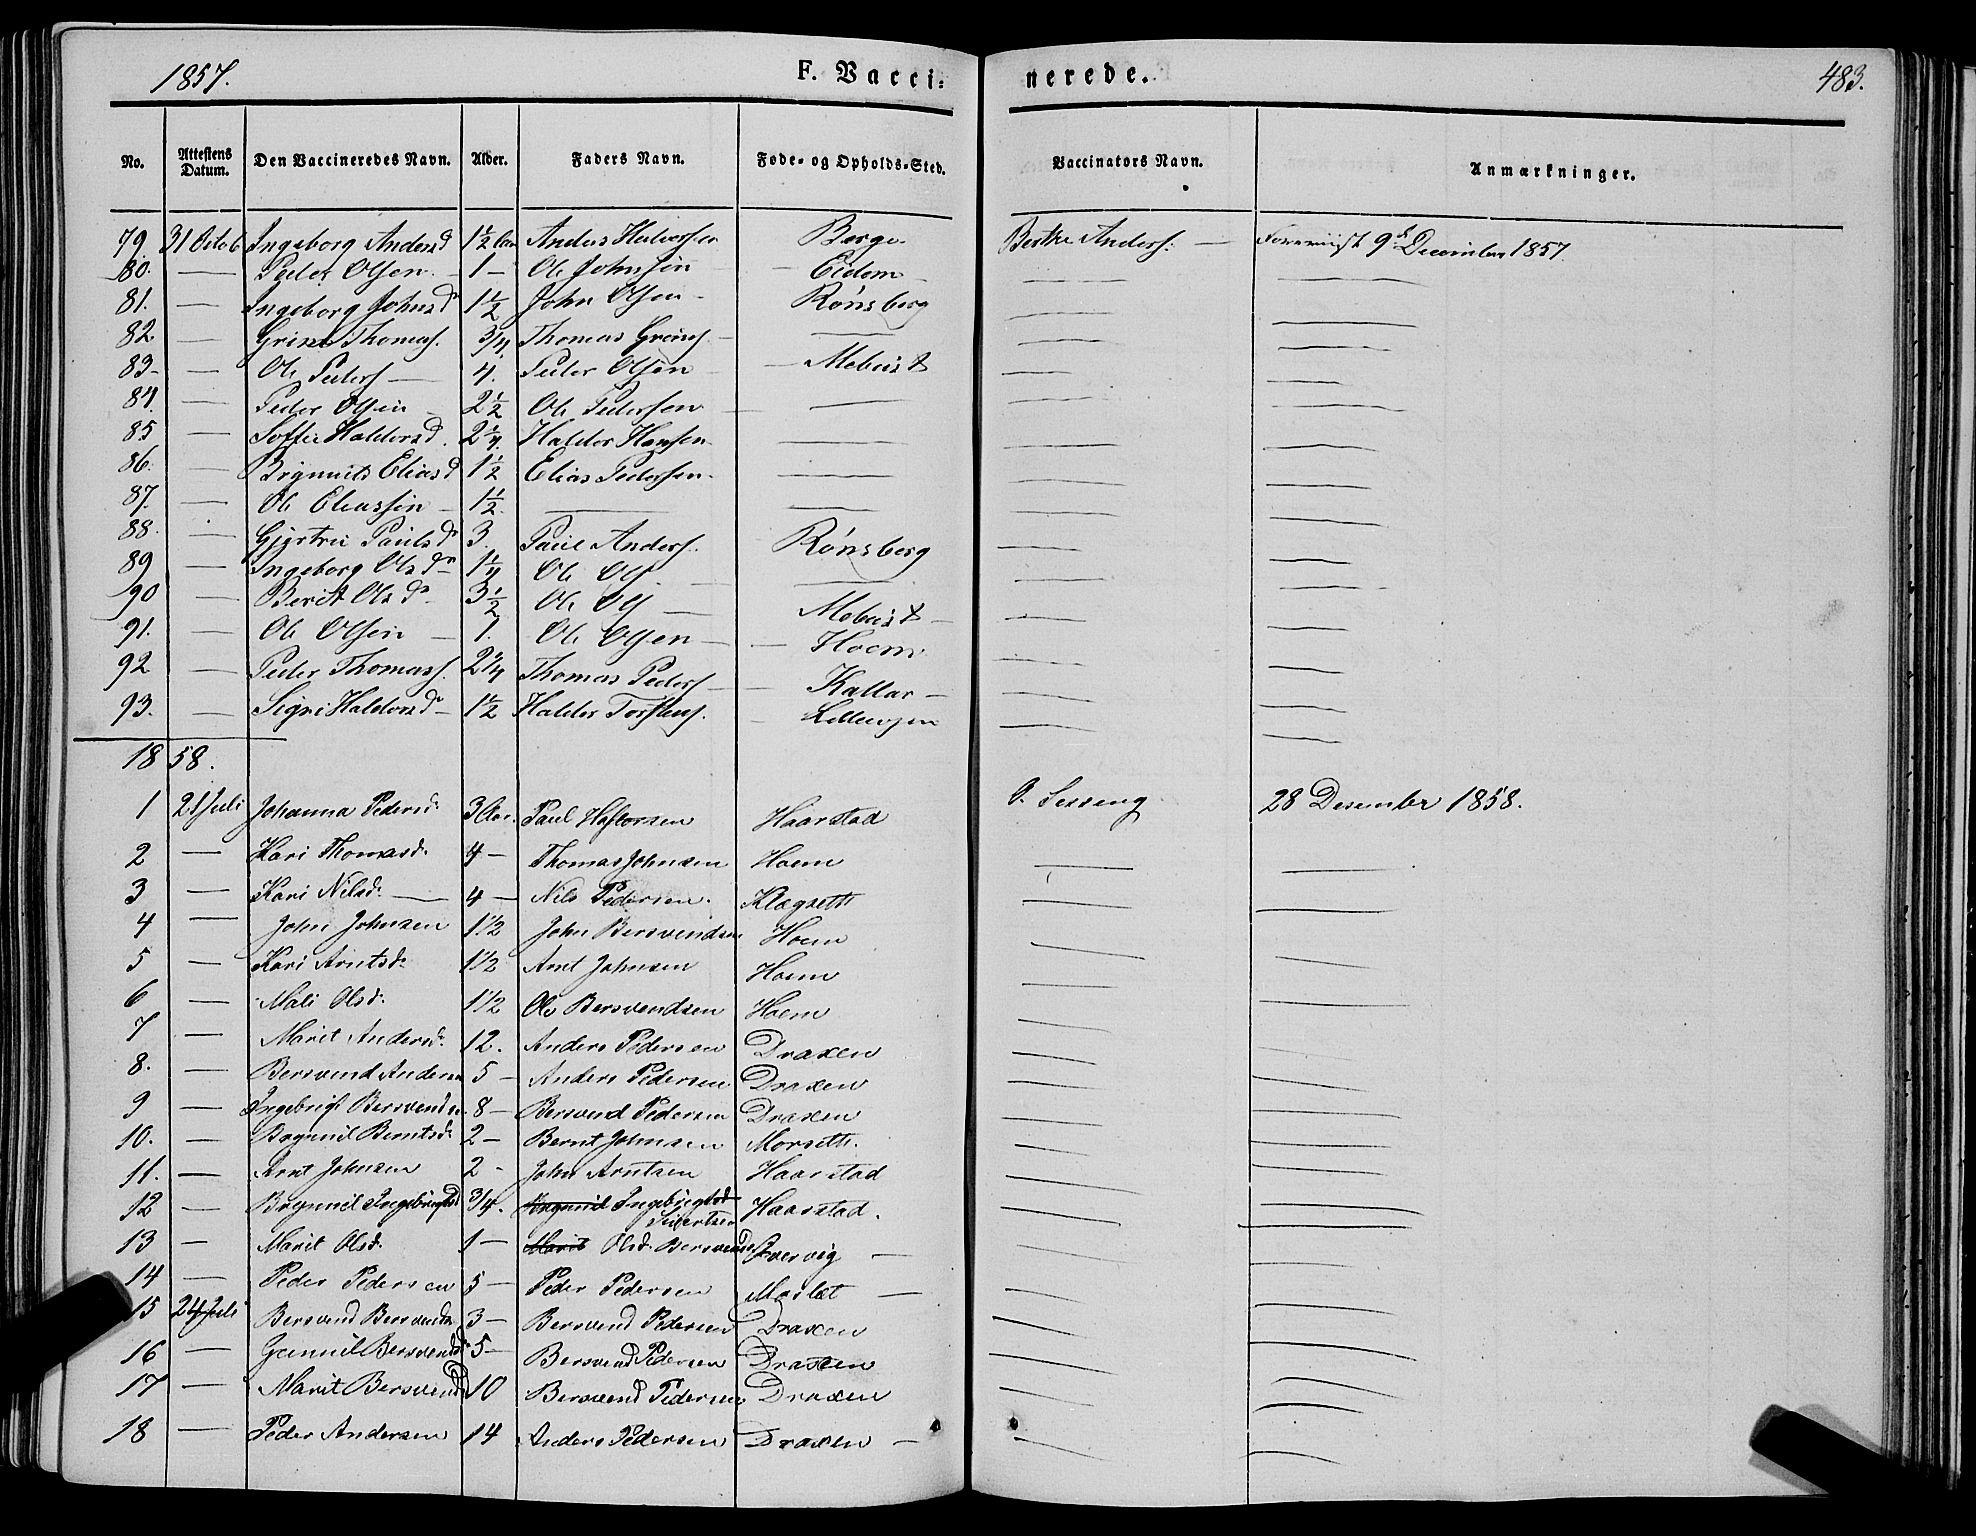 SAT, Ministerialprotokoller, klokkerbøker og fødselsregistre - Sør-Trøndelag, 695/L1145: Ministerialbok nr. 695A06 /1, 1843-1859, s. 483